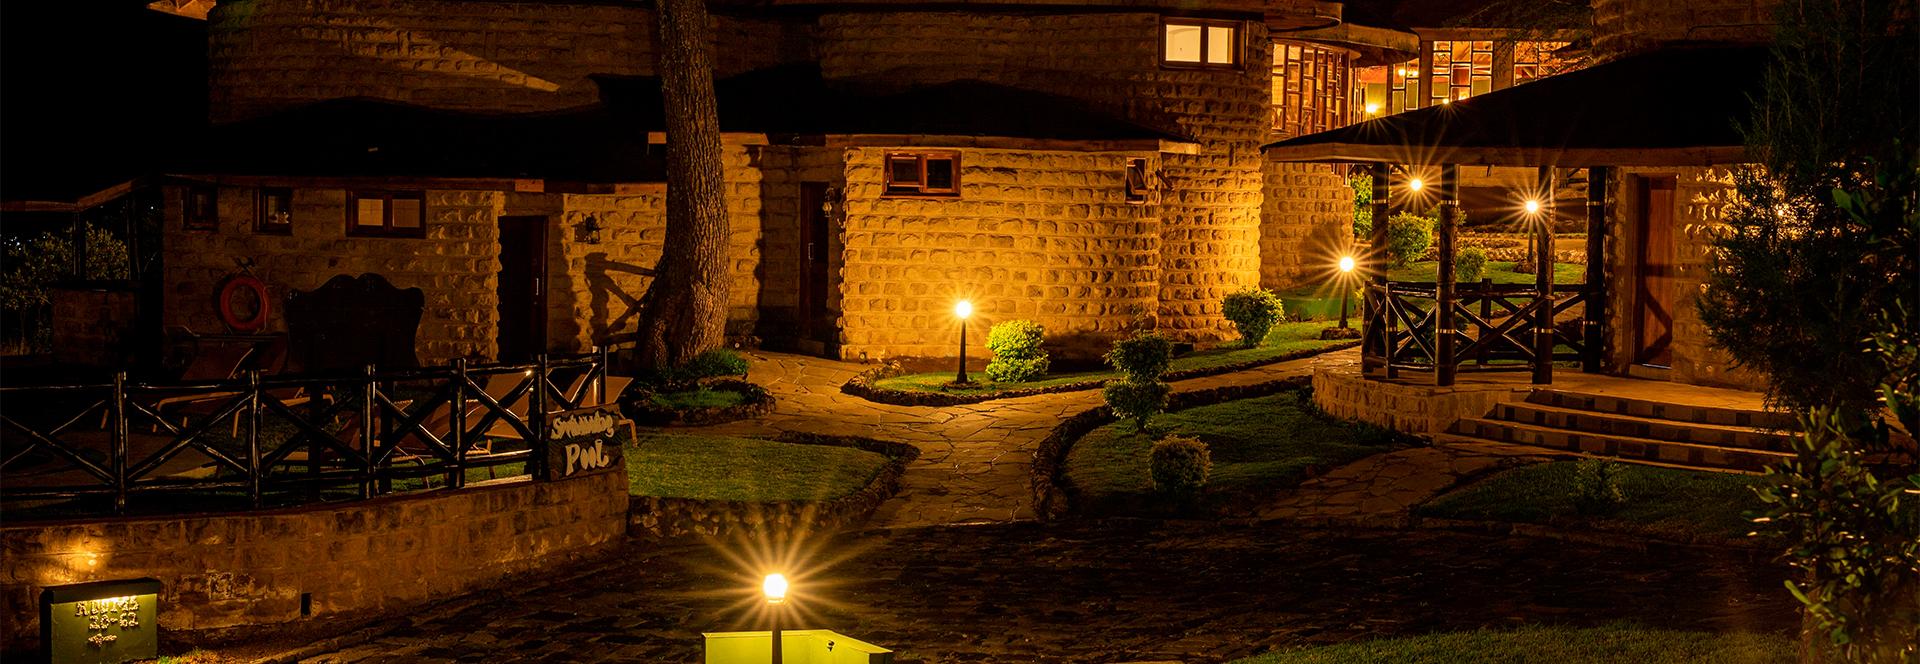 Landscape bronce OU9011CBCF